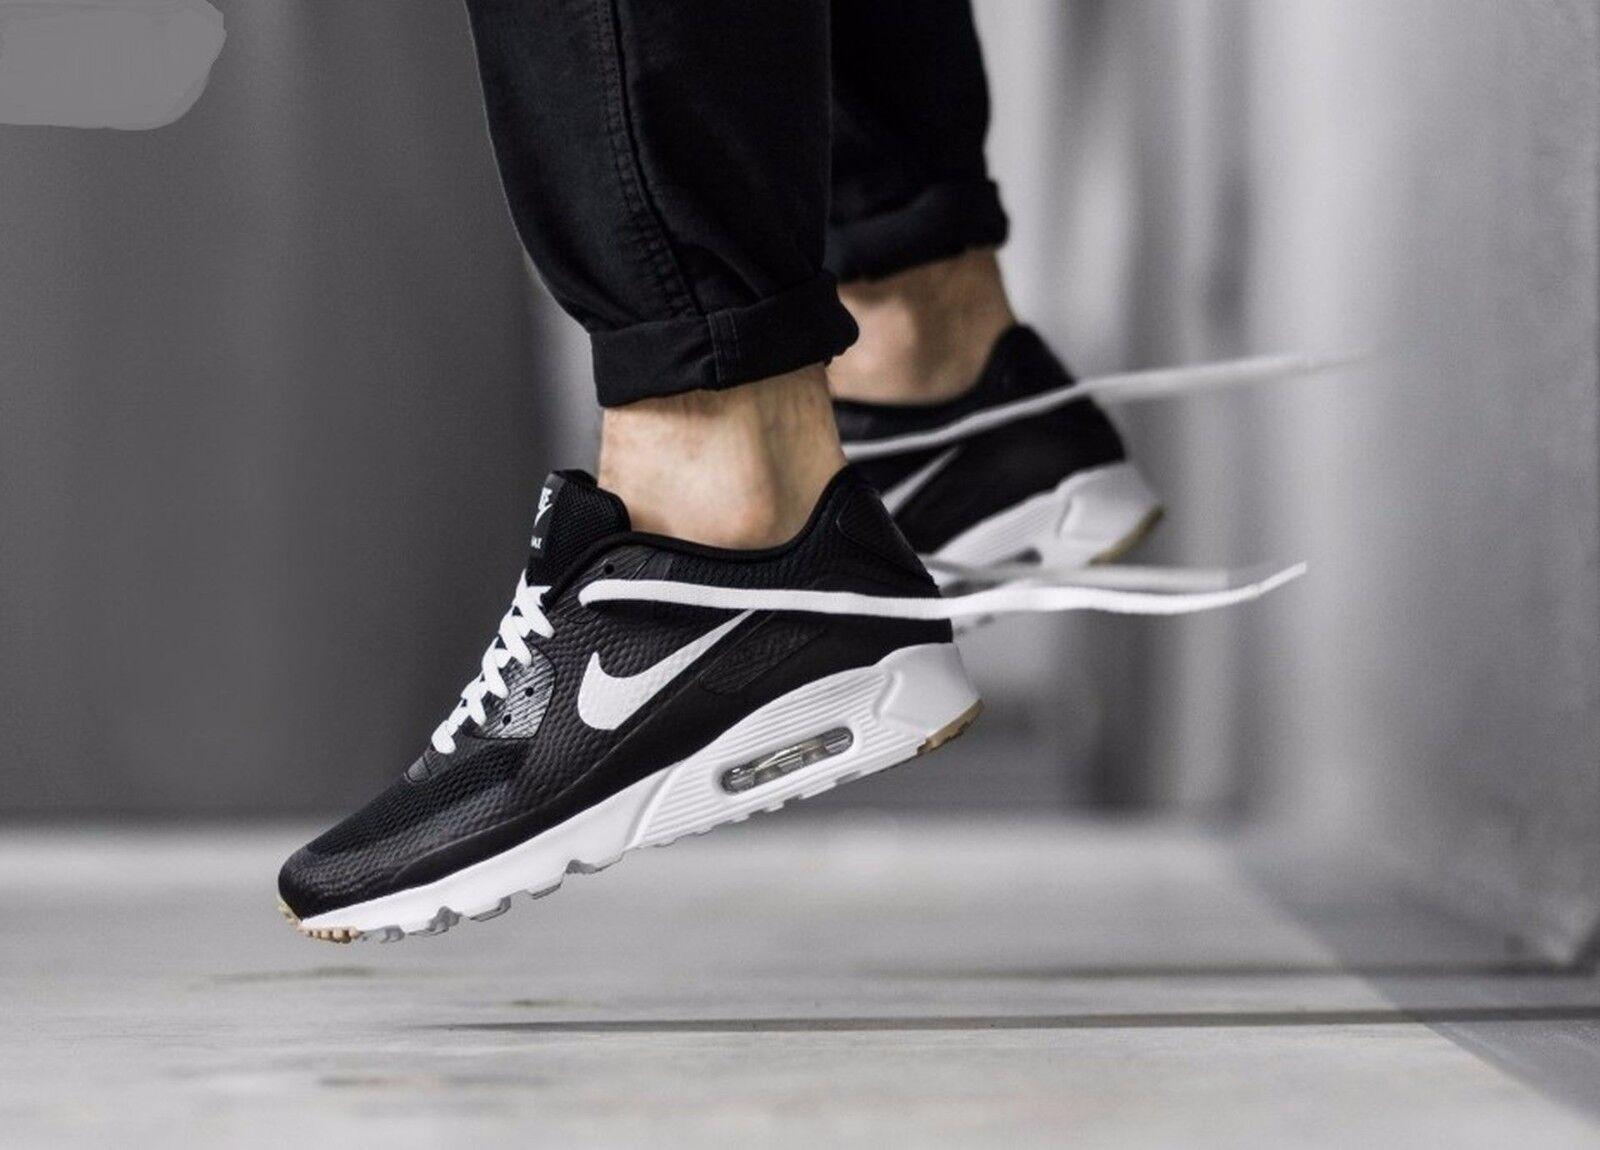 Nike Air Max 90 Ultra Essenziale Bianco Nero 819474 010 Uomo Sz 12,5